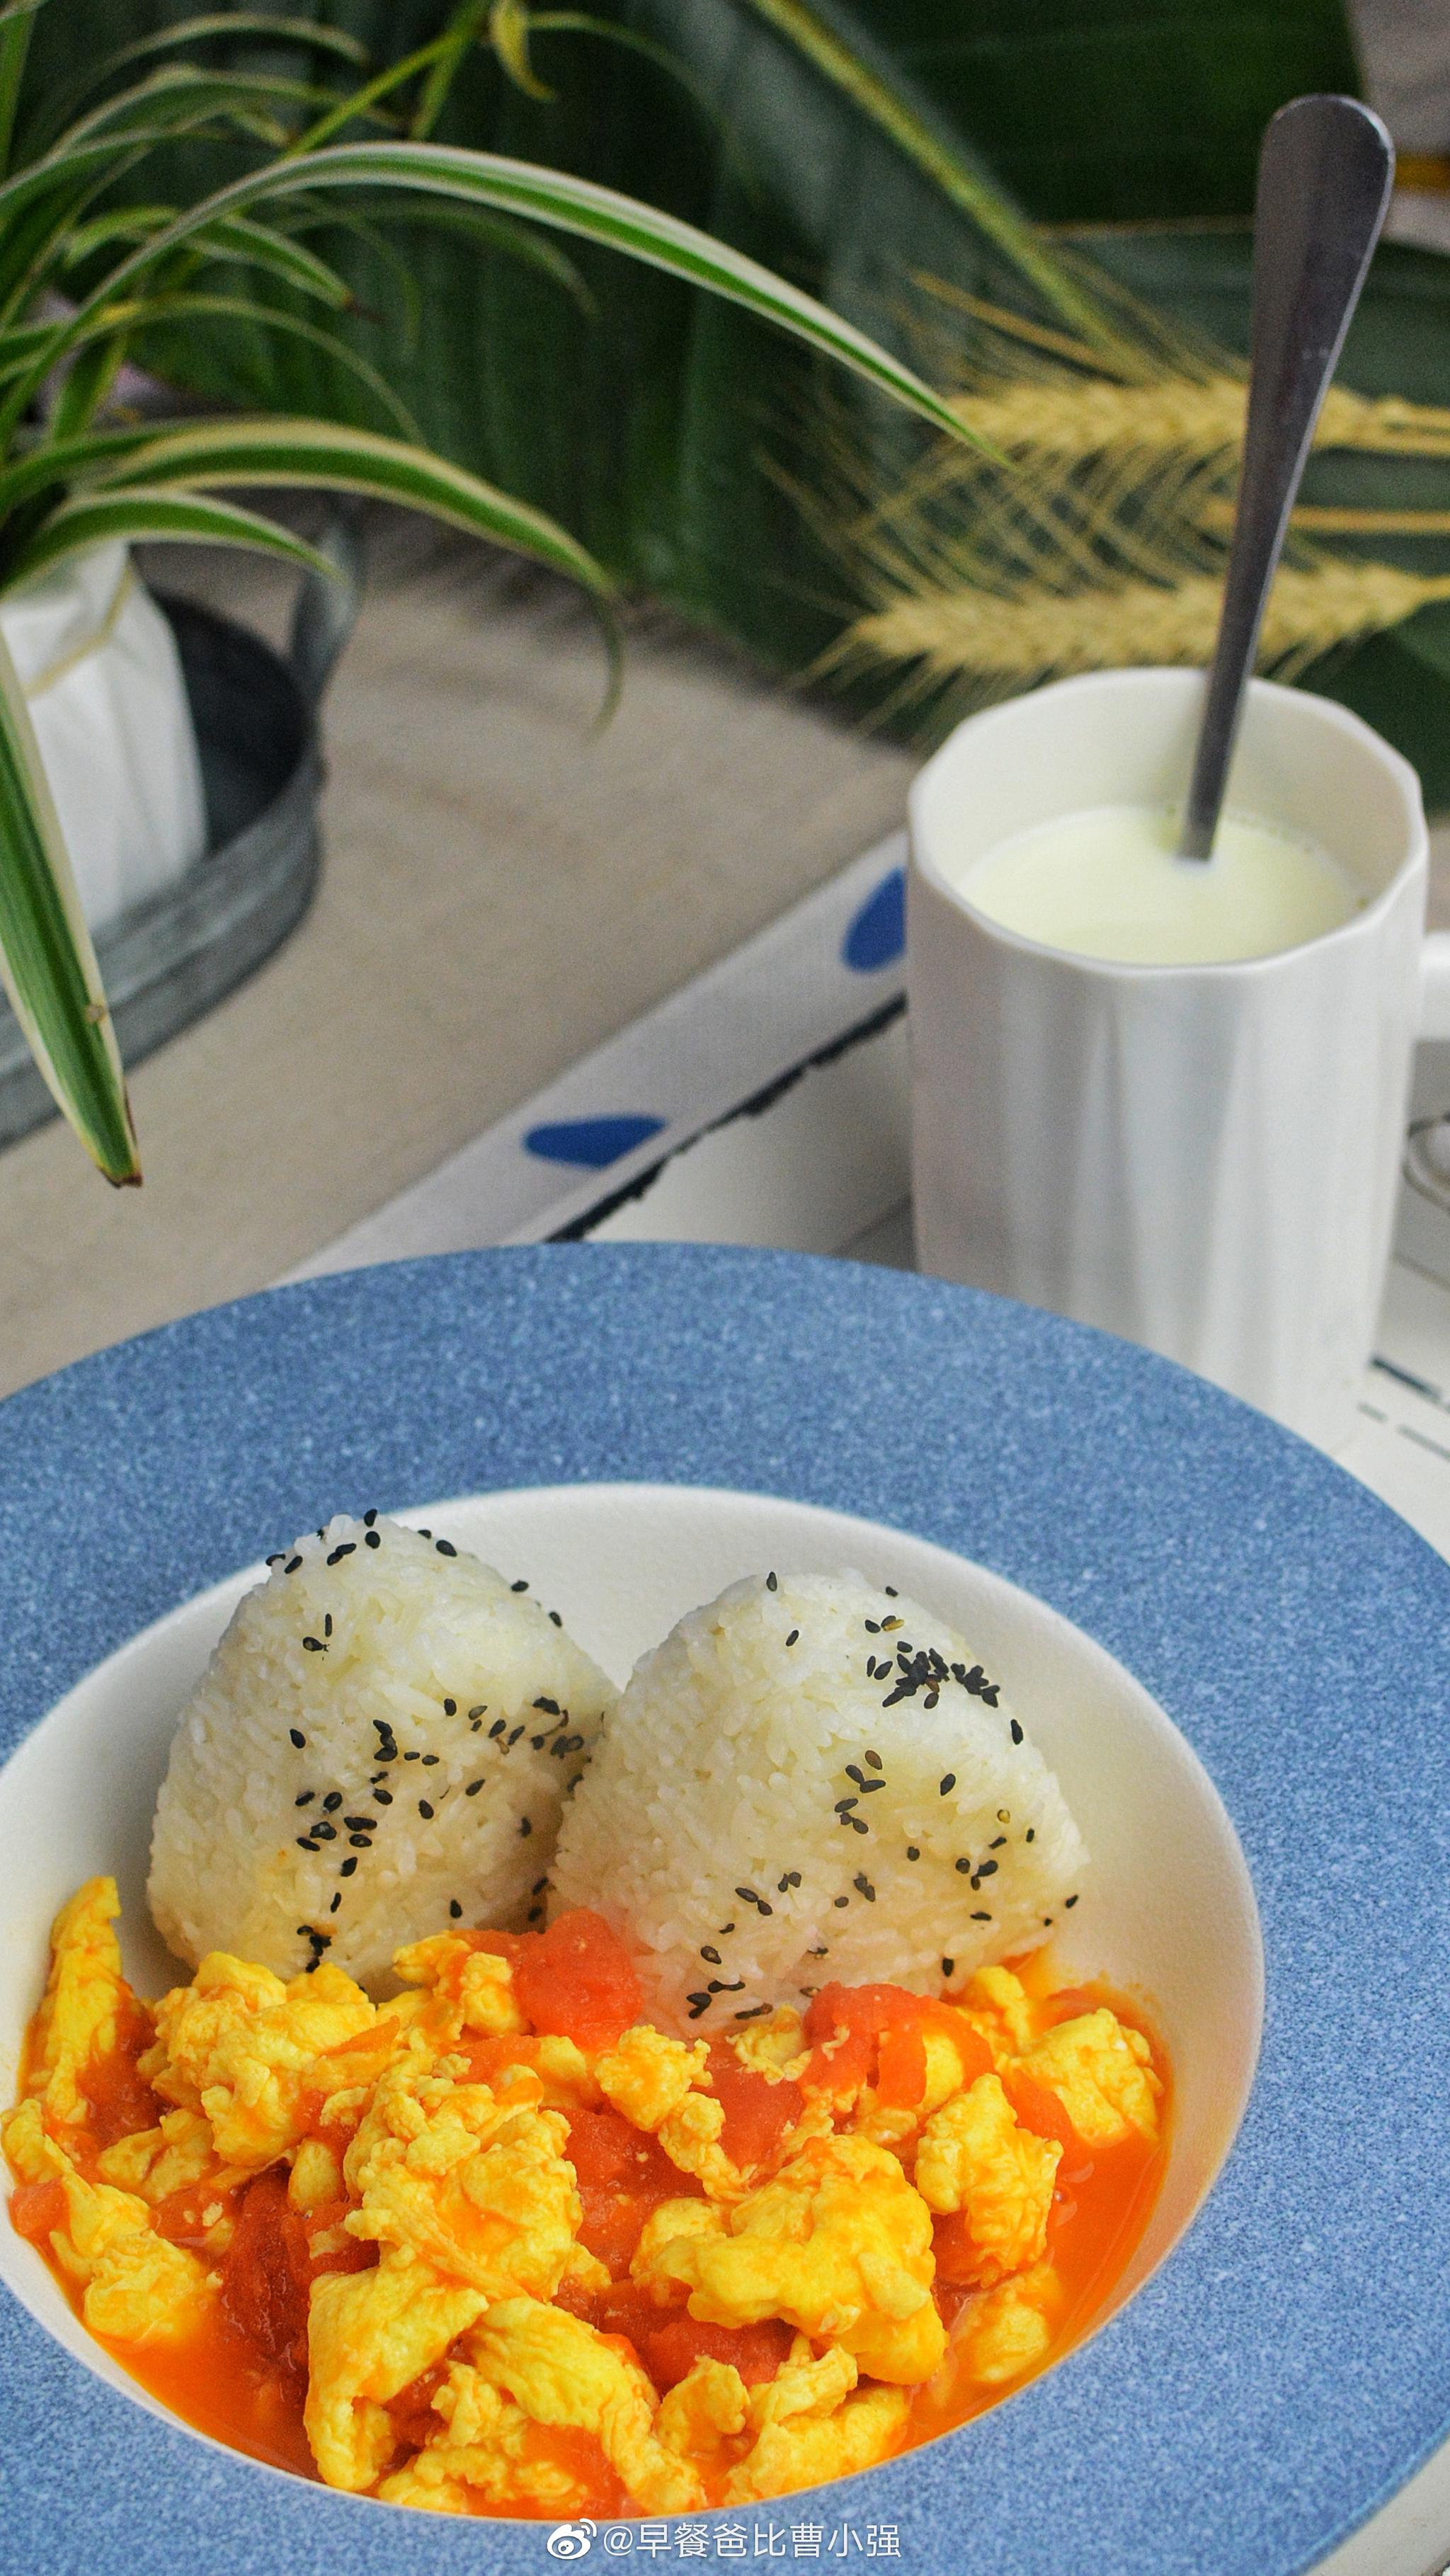 今天早餐番茄鸡蛋盖浇饭牛奶一杯大家早安复古风鸟笼取暖器正在